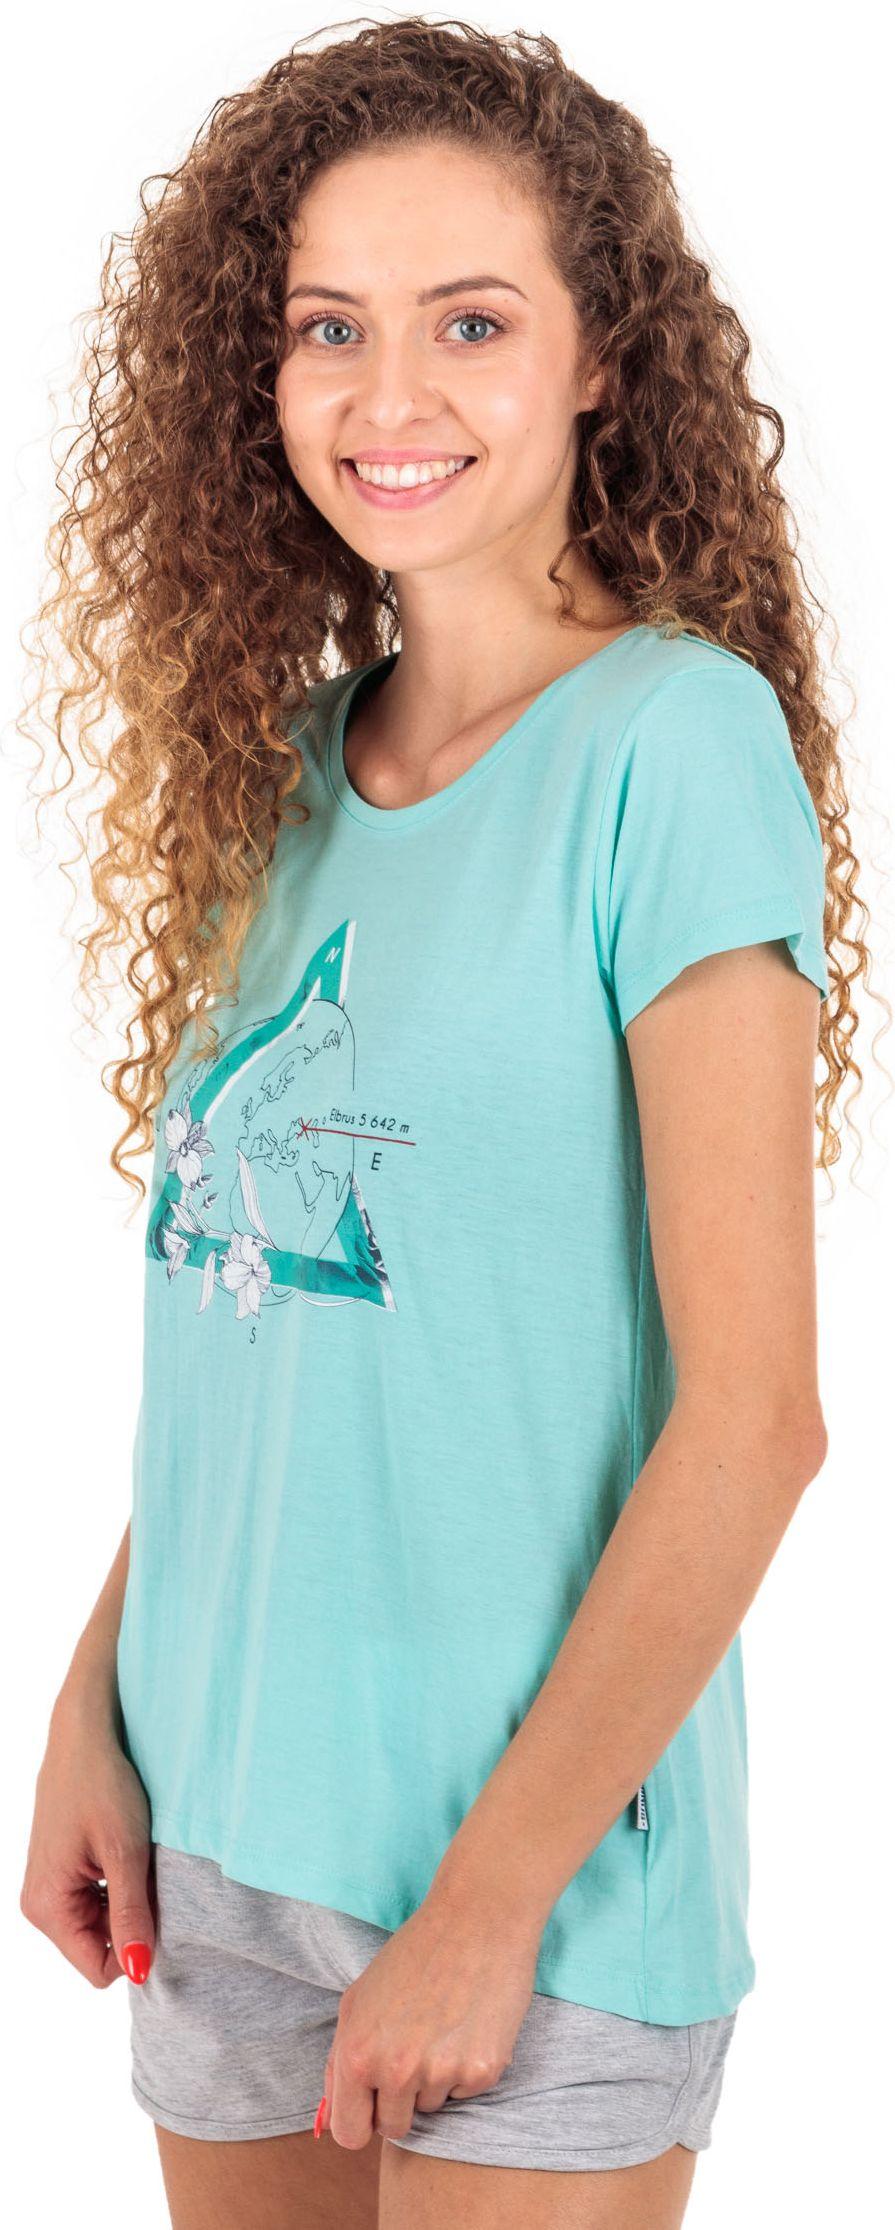 Elbrus Damski T-shirt  SUMMIT WO'S TANAGER TURQUOISE MELANGE r. XS (92800186878) 5902786065318